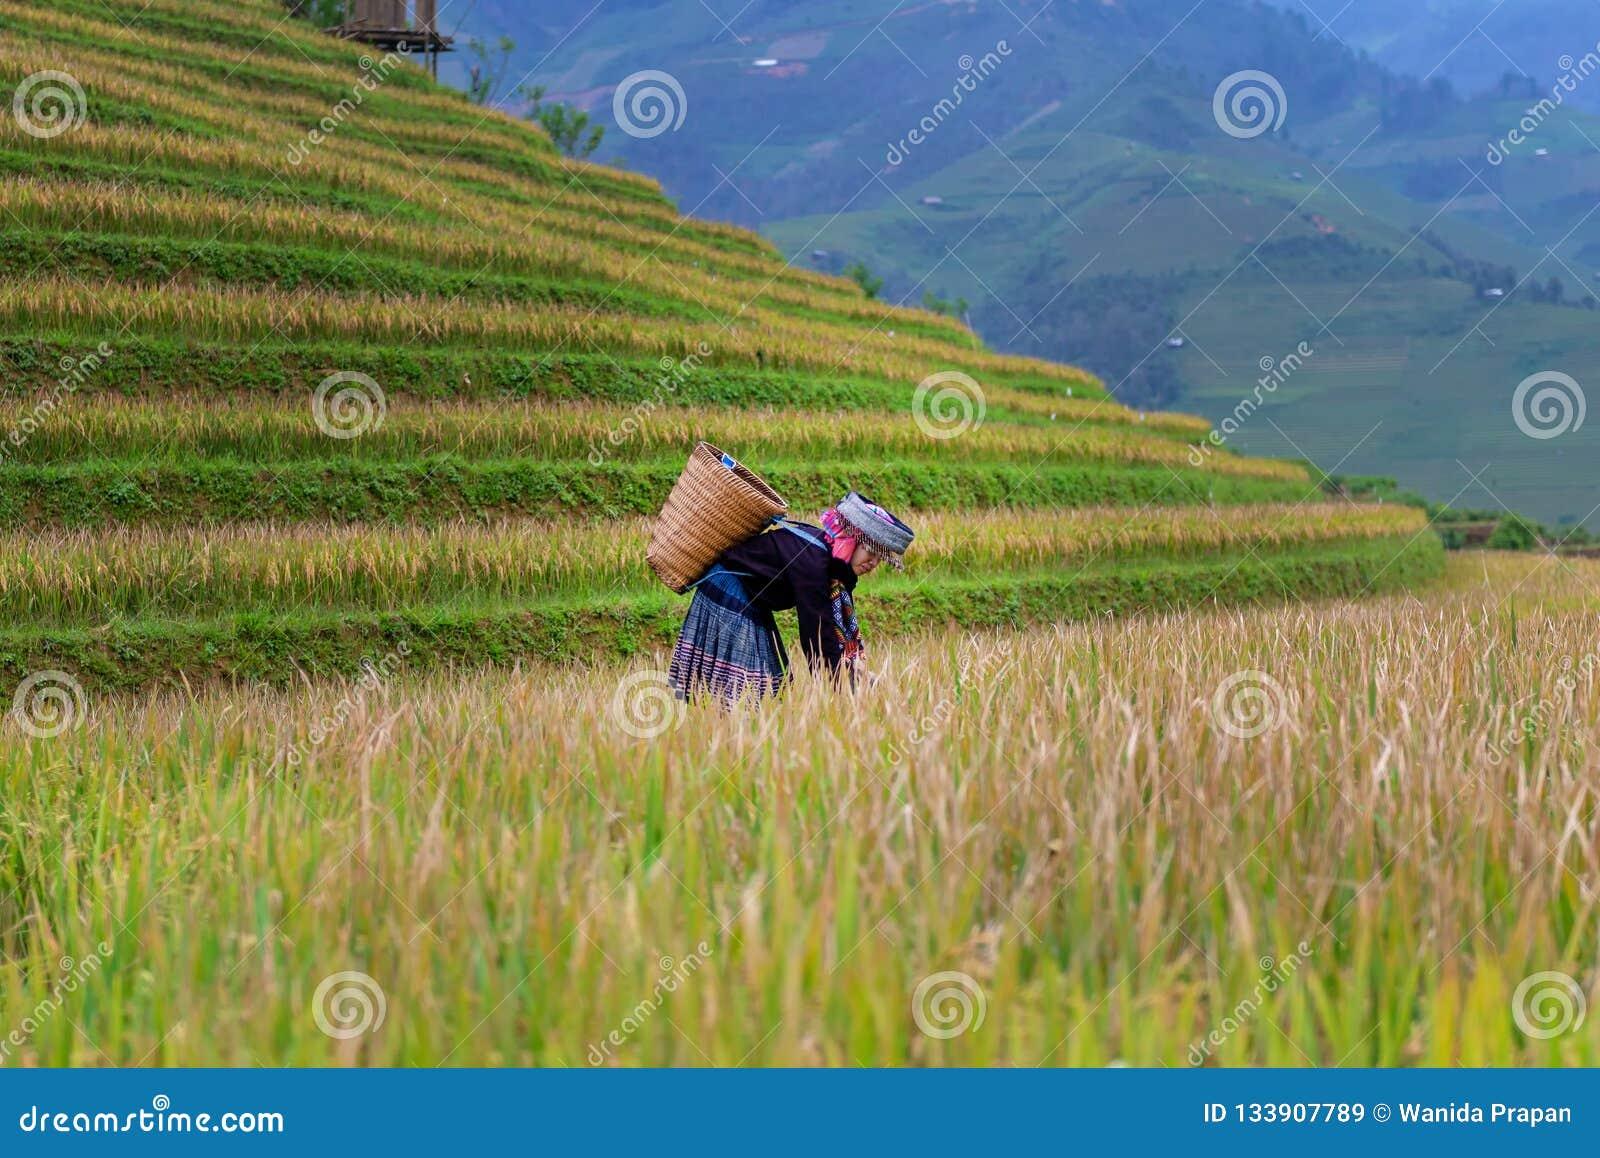 Les femmes d agriculteur moissonnent l industrie d agriculture de riz Gisement en terrasse de riz dans la saison de récolte avec